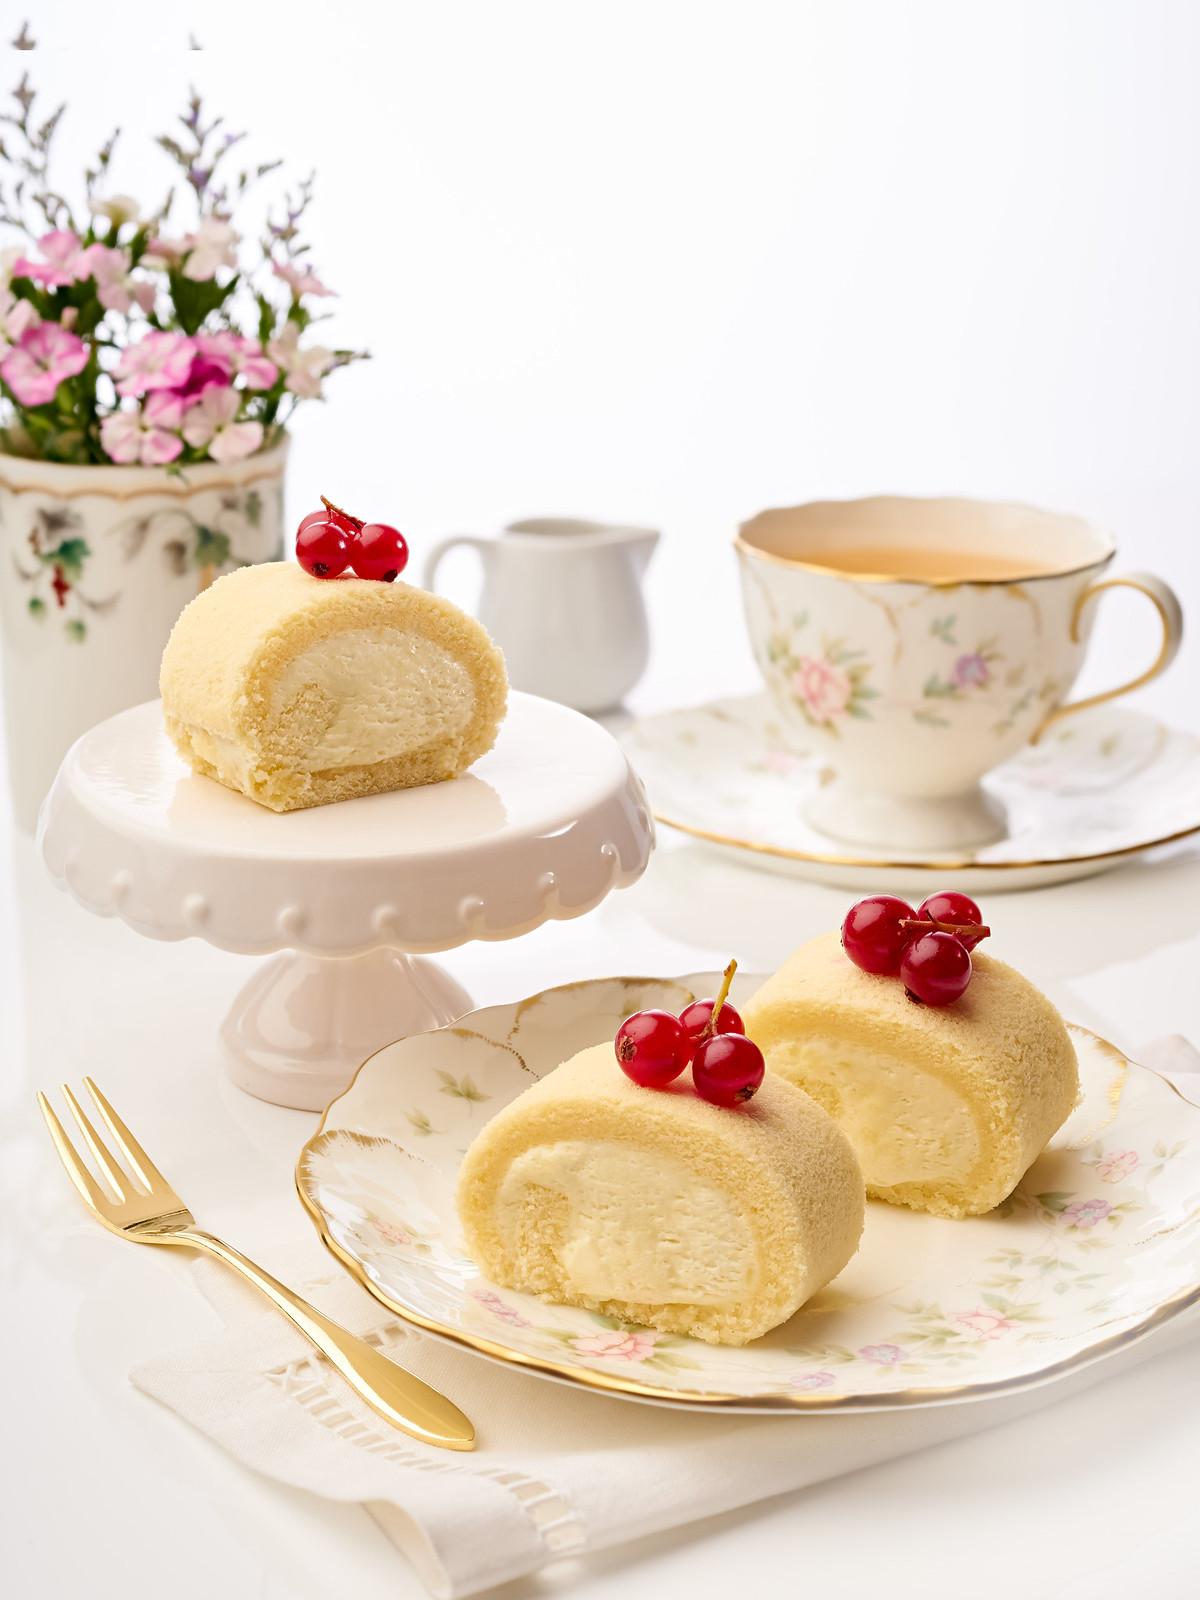 榴莲高级茶自助万豪咖啡馆